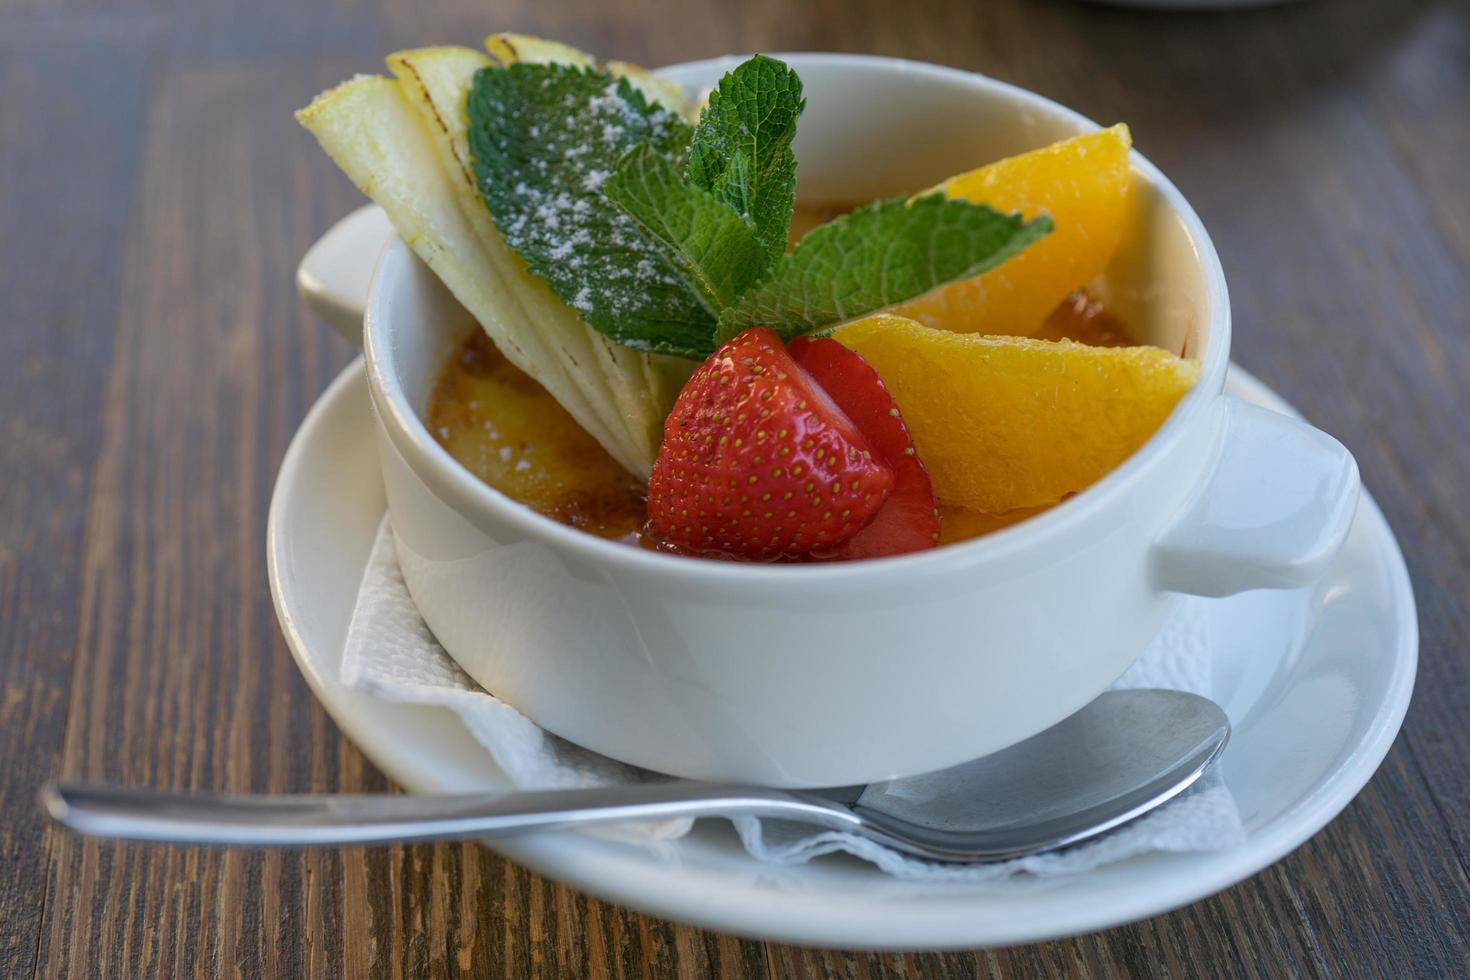 karamell efterrätt med färska frukter i en snövit porslinskopp. foto